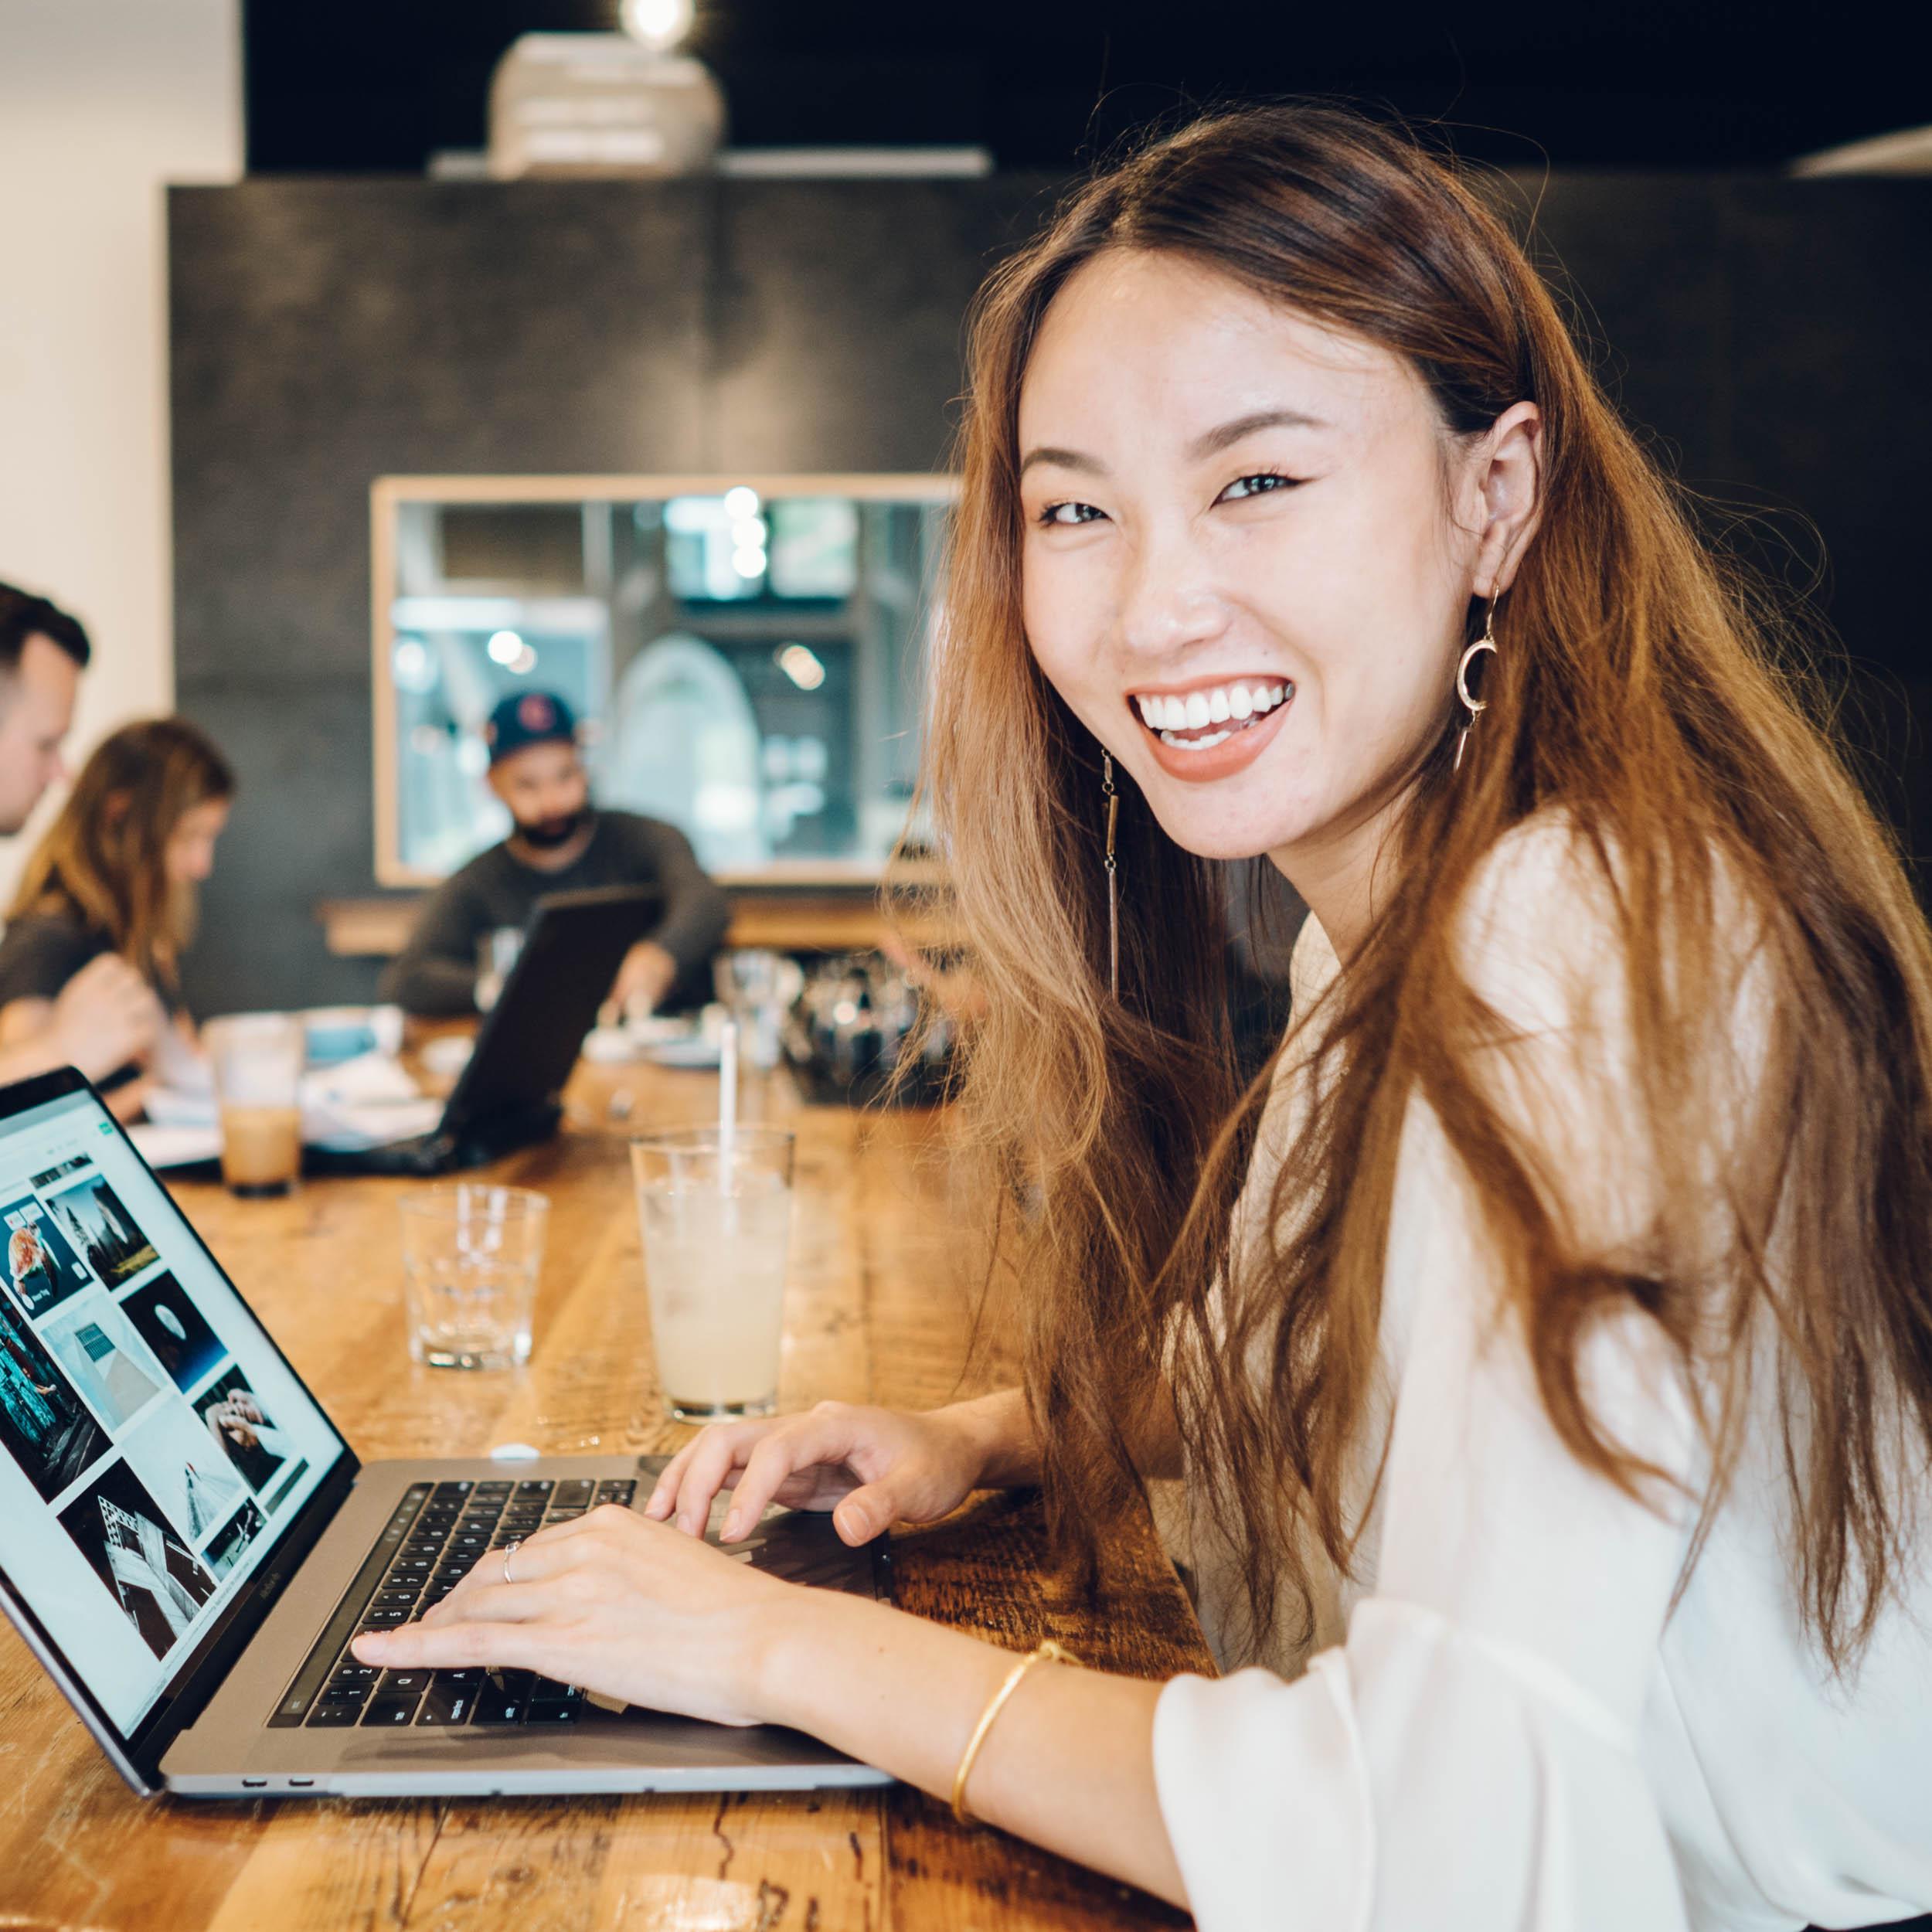 Yang-laptop-cafe-6.jpg